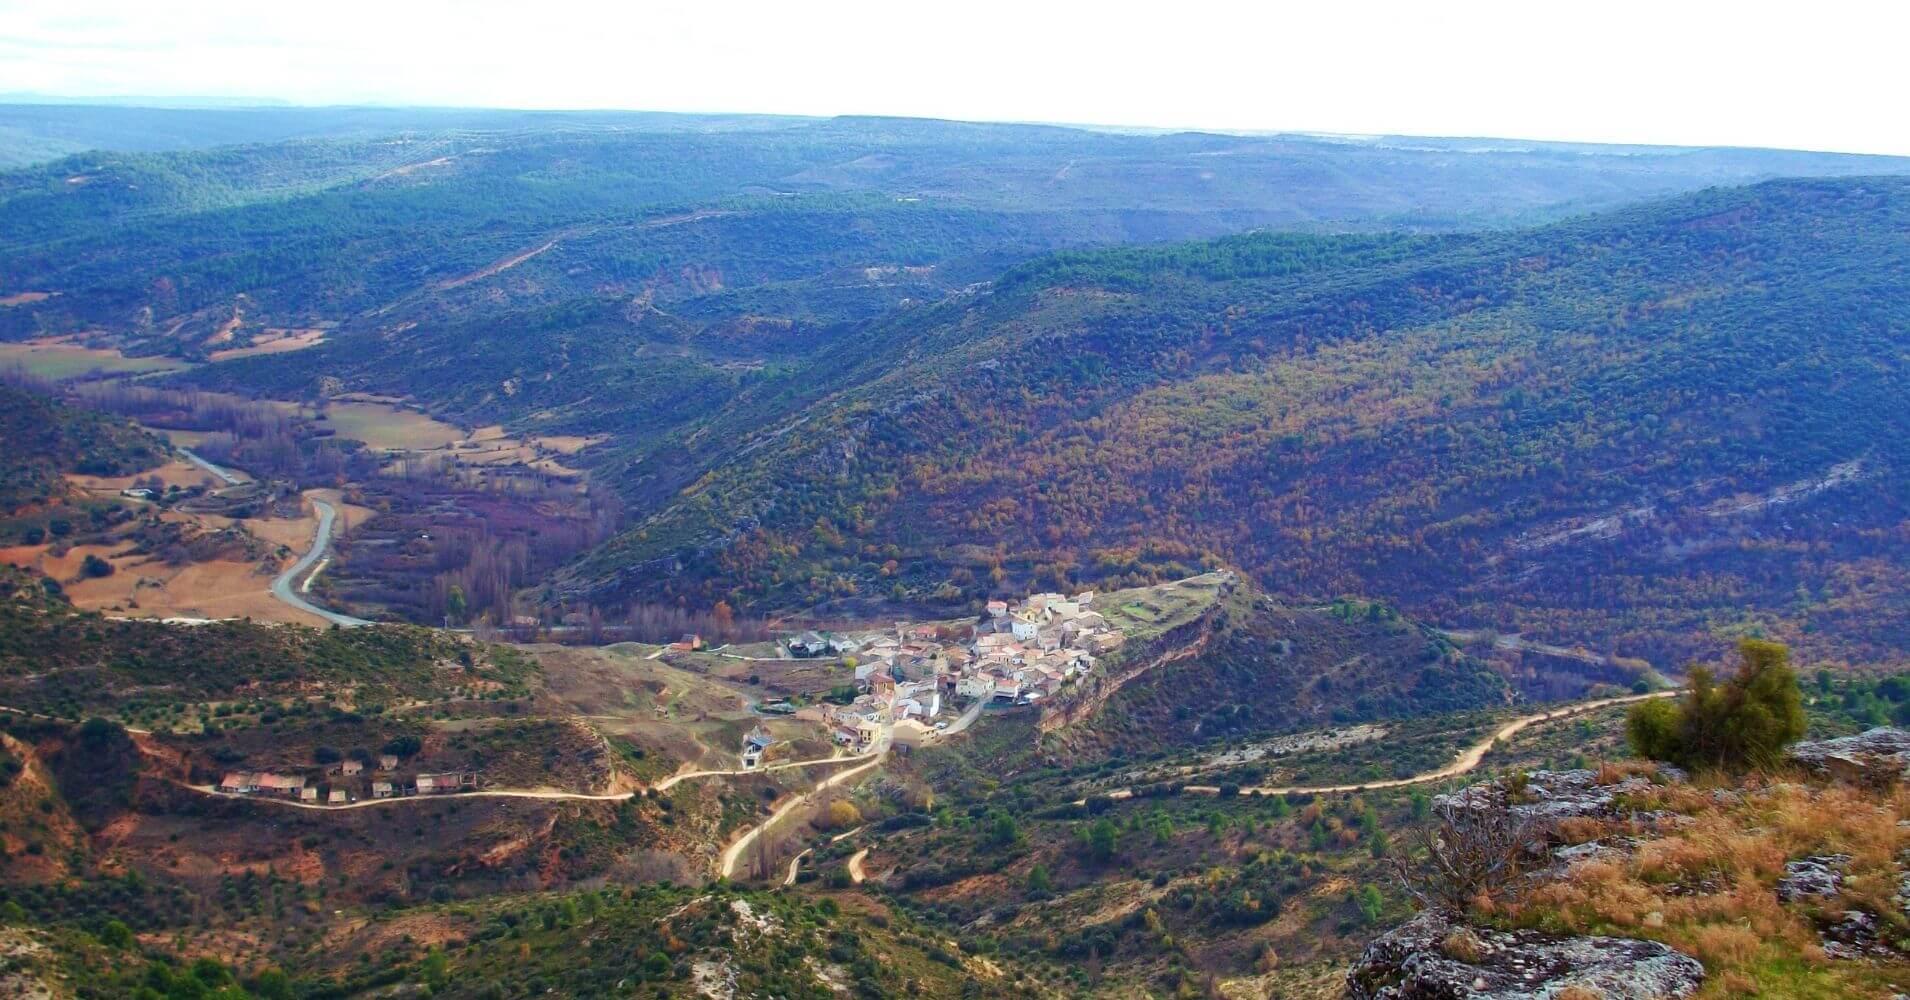 Vista de la localidad desde la Cumbre. Guadalajara. Castilla la Mancha.